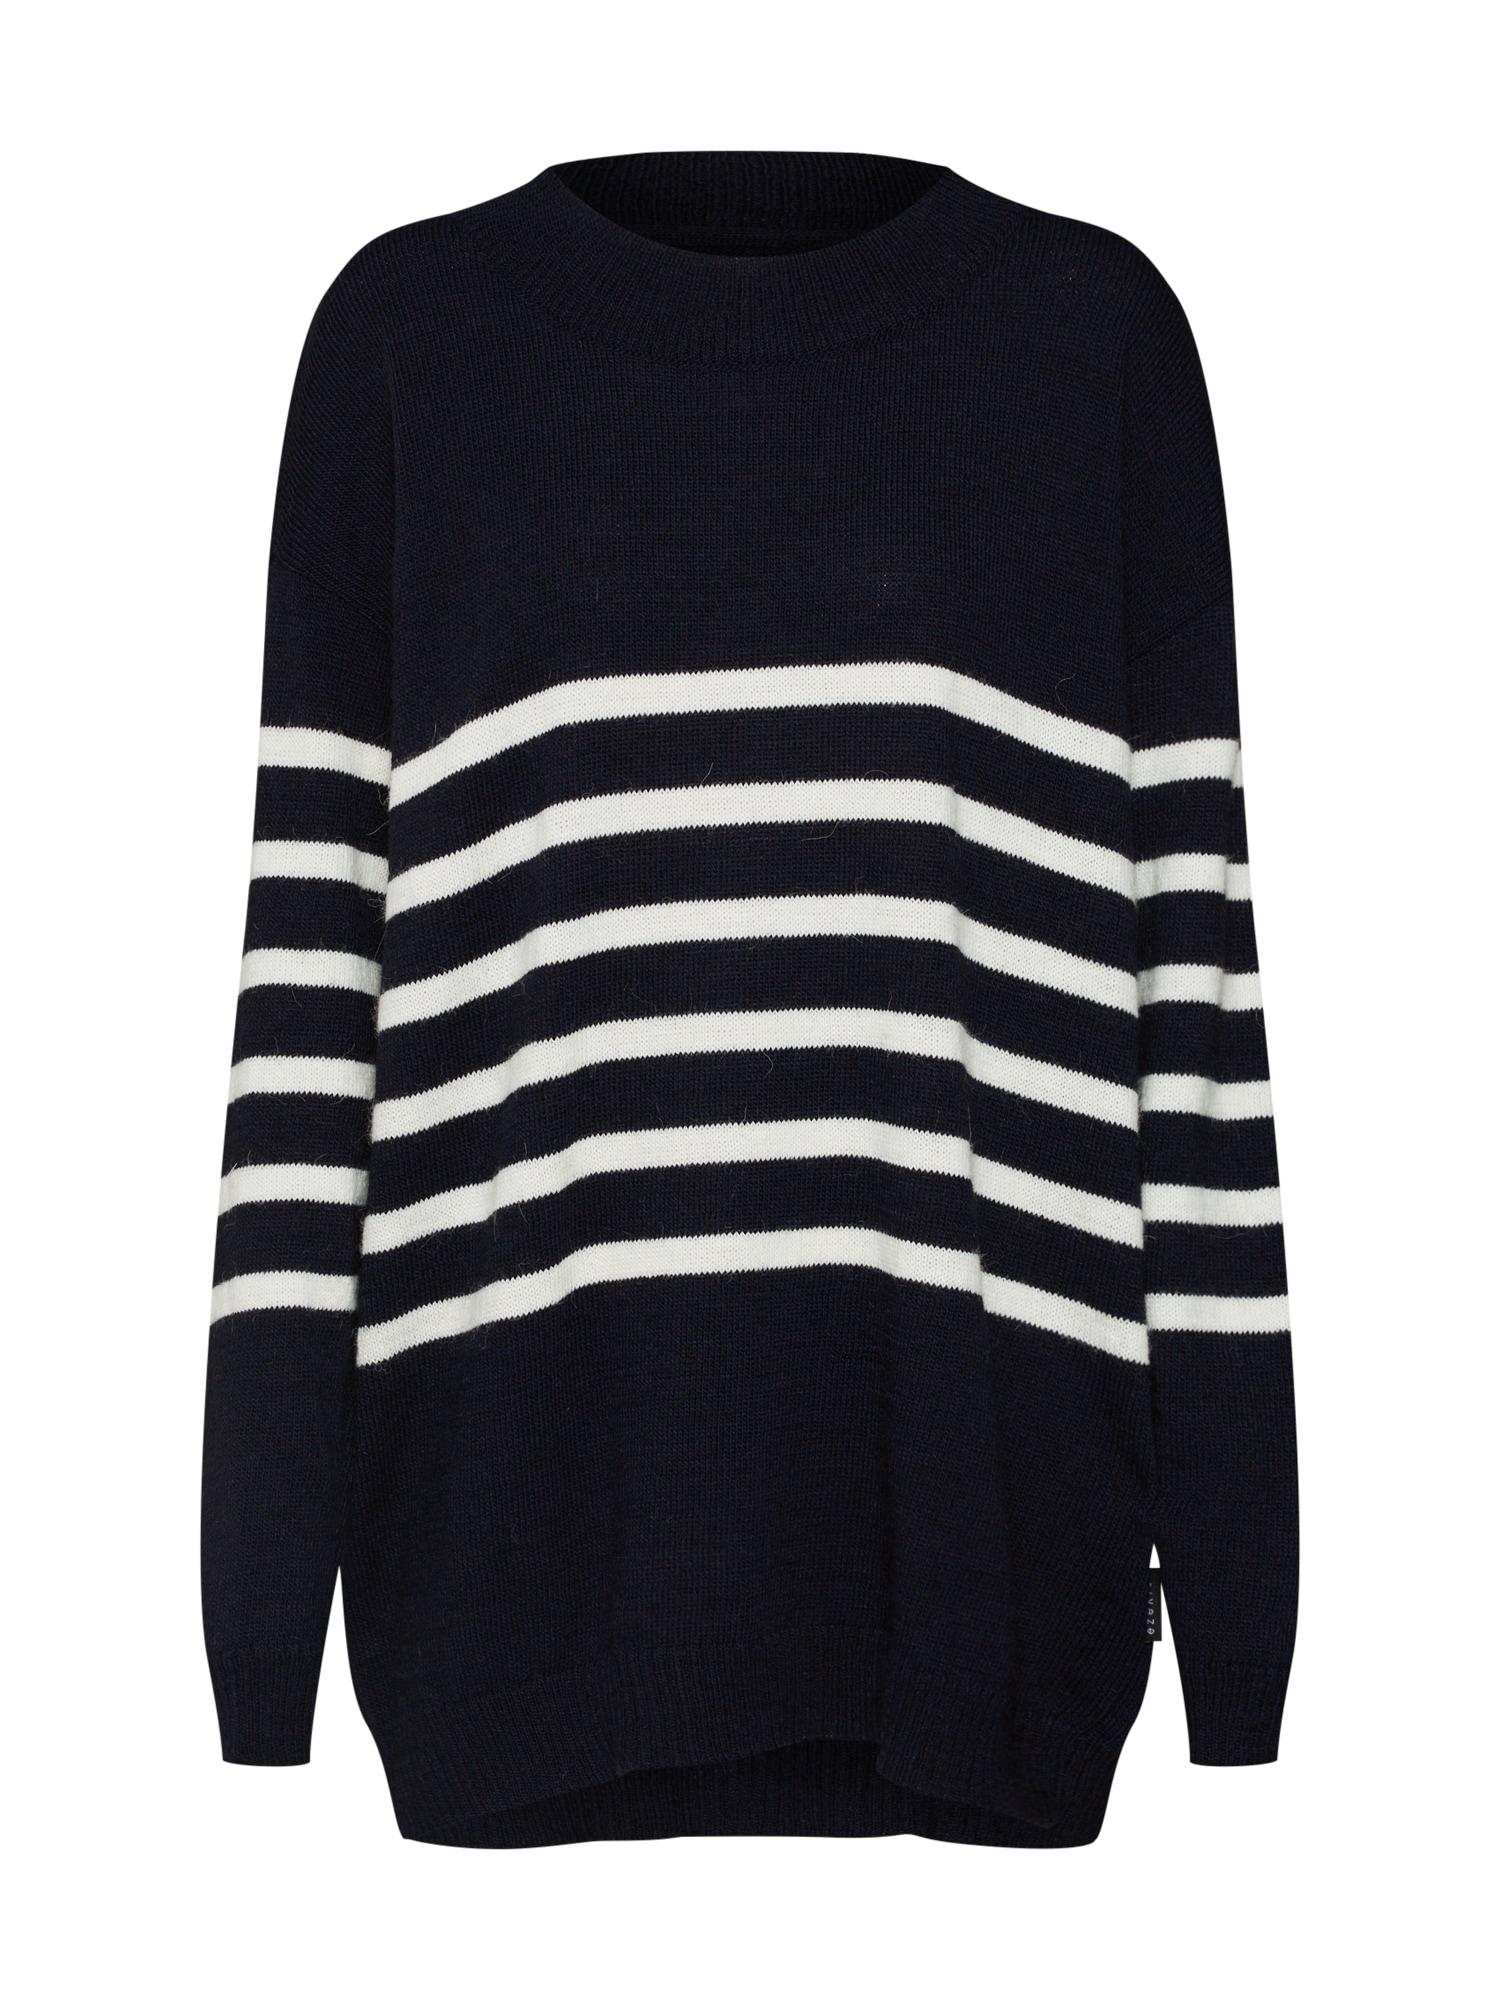 Maxi svetr Laurie Oversize Knit Sweater námořnická modř Ezekiel